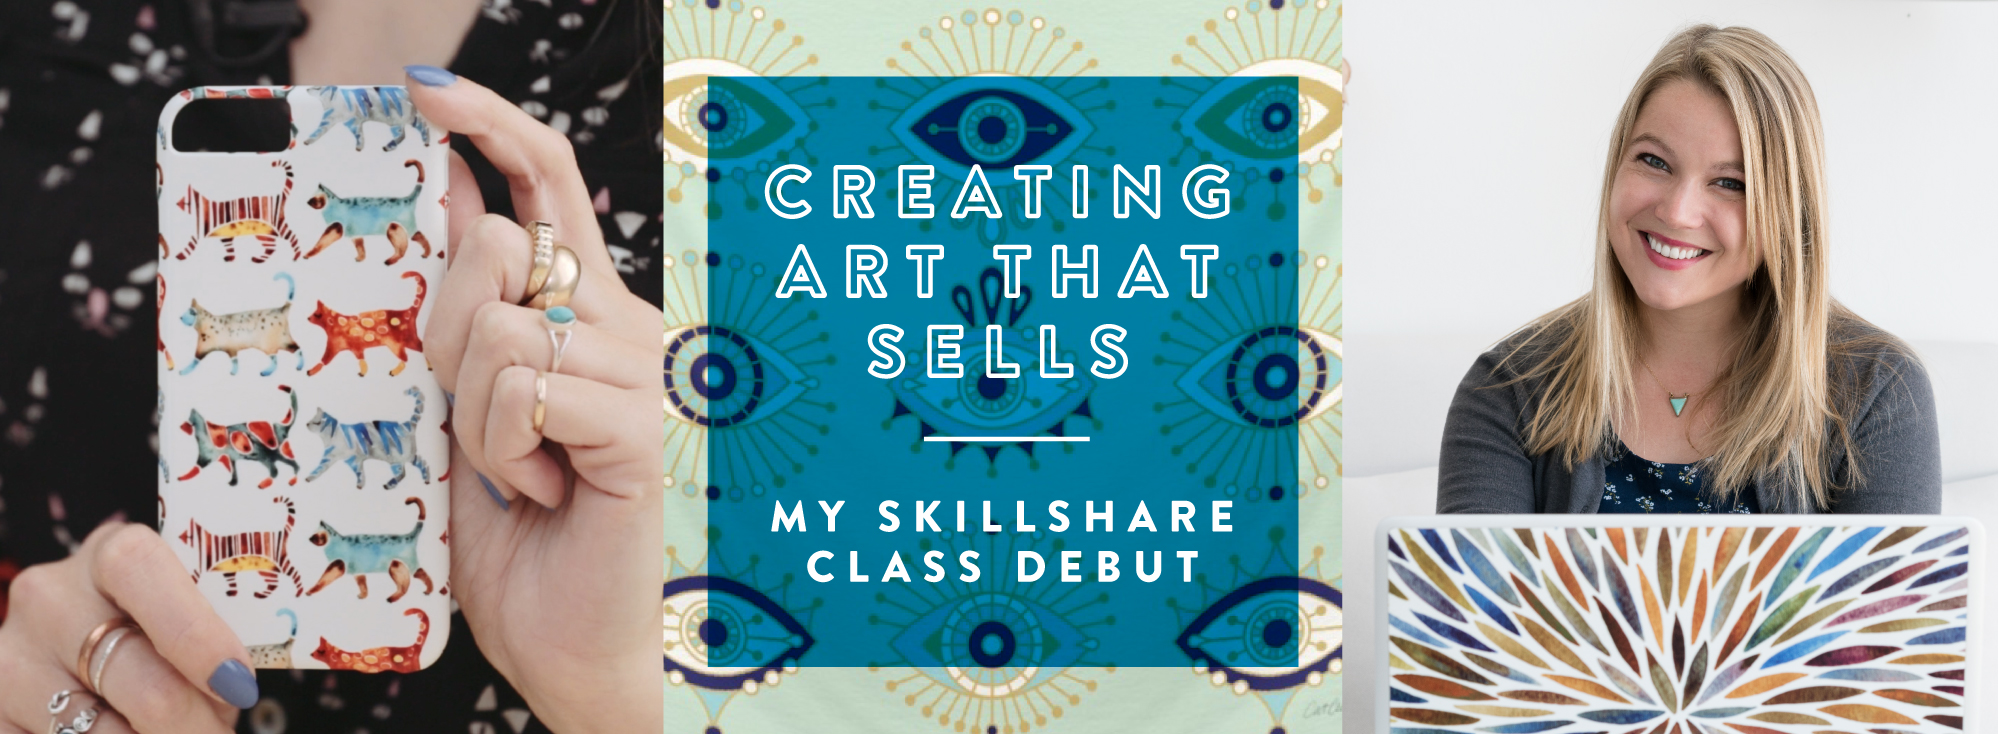 Skillshare-Catcoq-HEADER.jpg